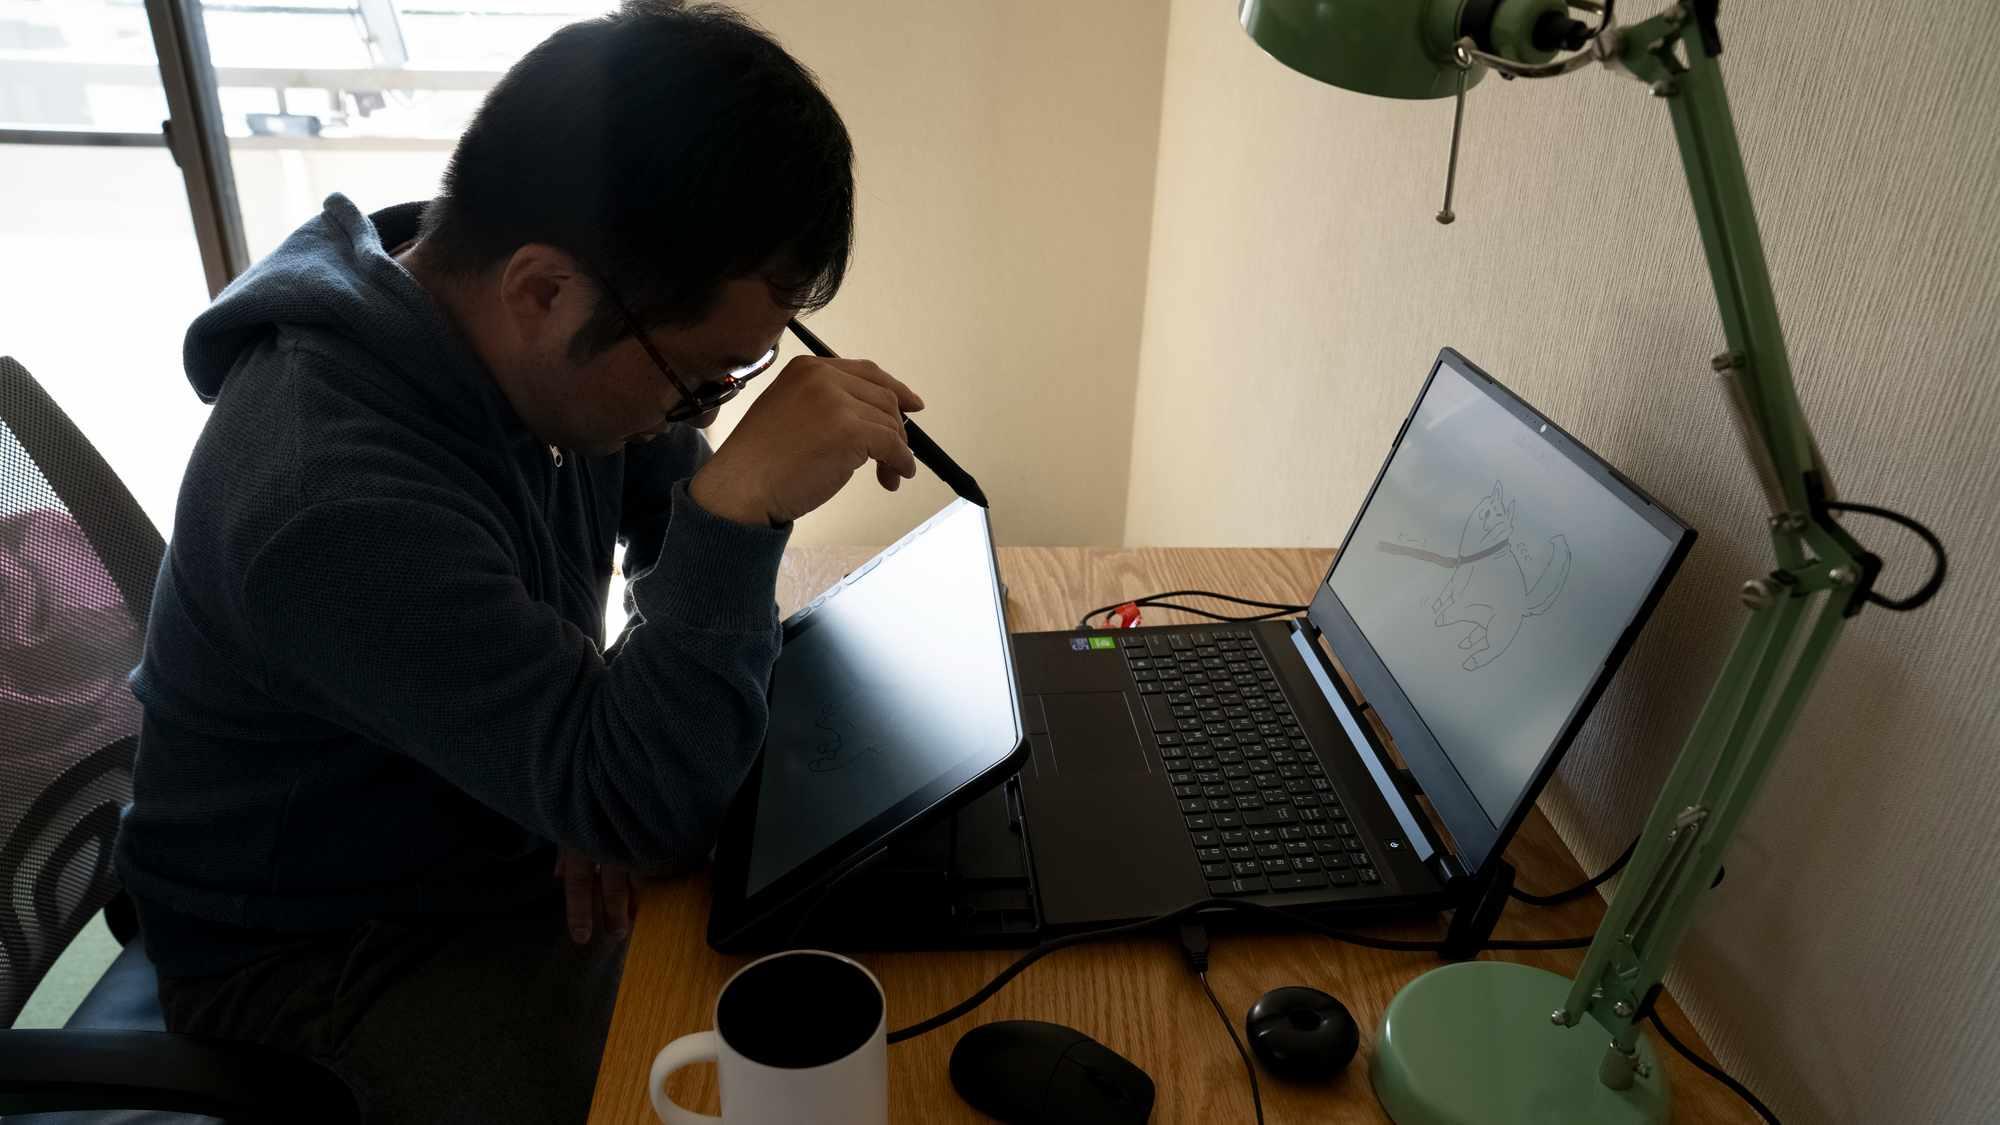 手取り24万円・36歳男性「僕は、『中の下』かなあ」辛い生活